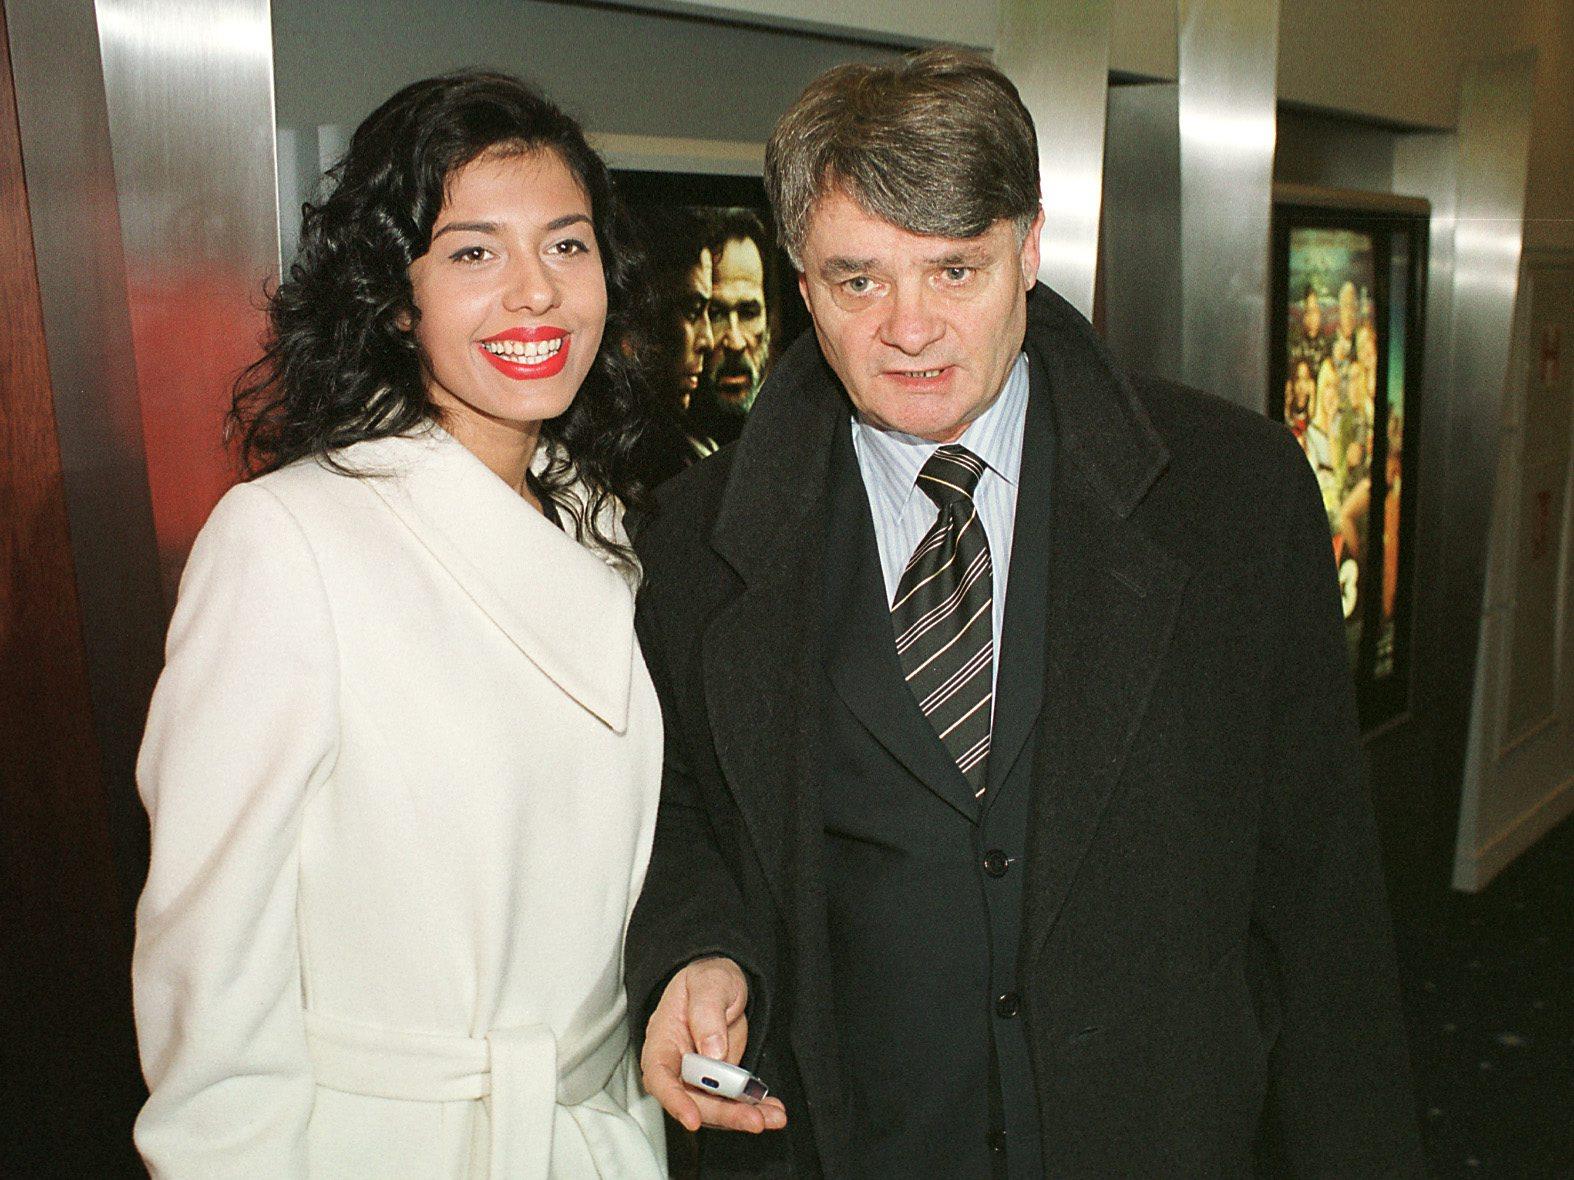 Dolores Lambaša i Ivo Gregurević snimljeni 2004. godine